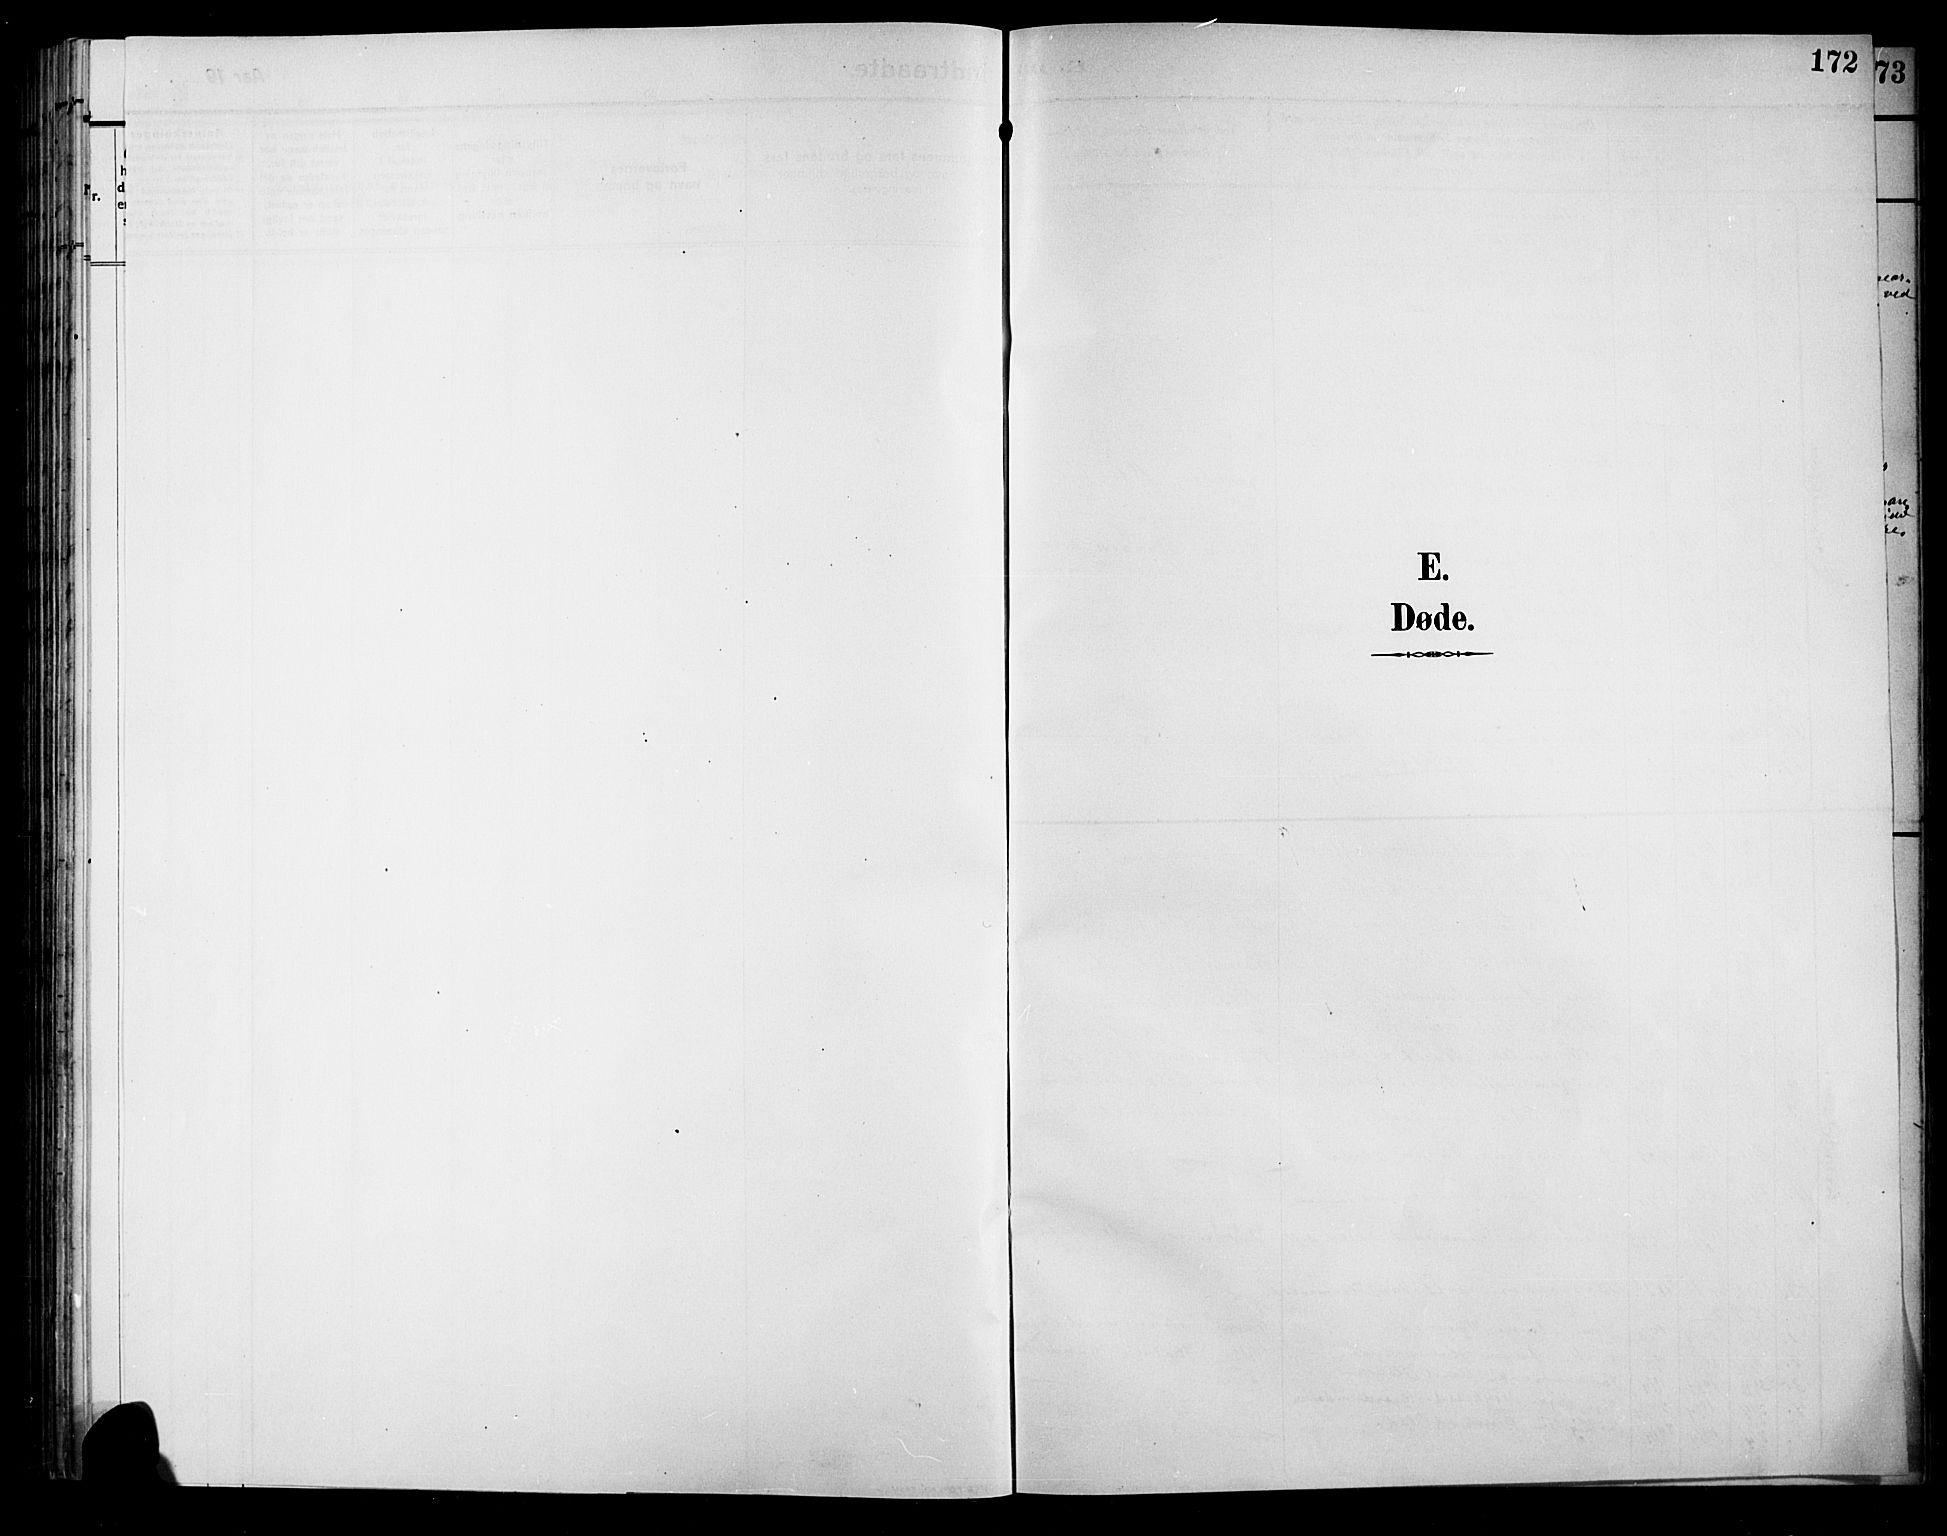 SAH, Sør-Aurdal prestekontor, Klokkerbok nr. 9, 1894-1924, s. 172